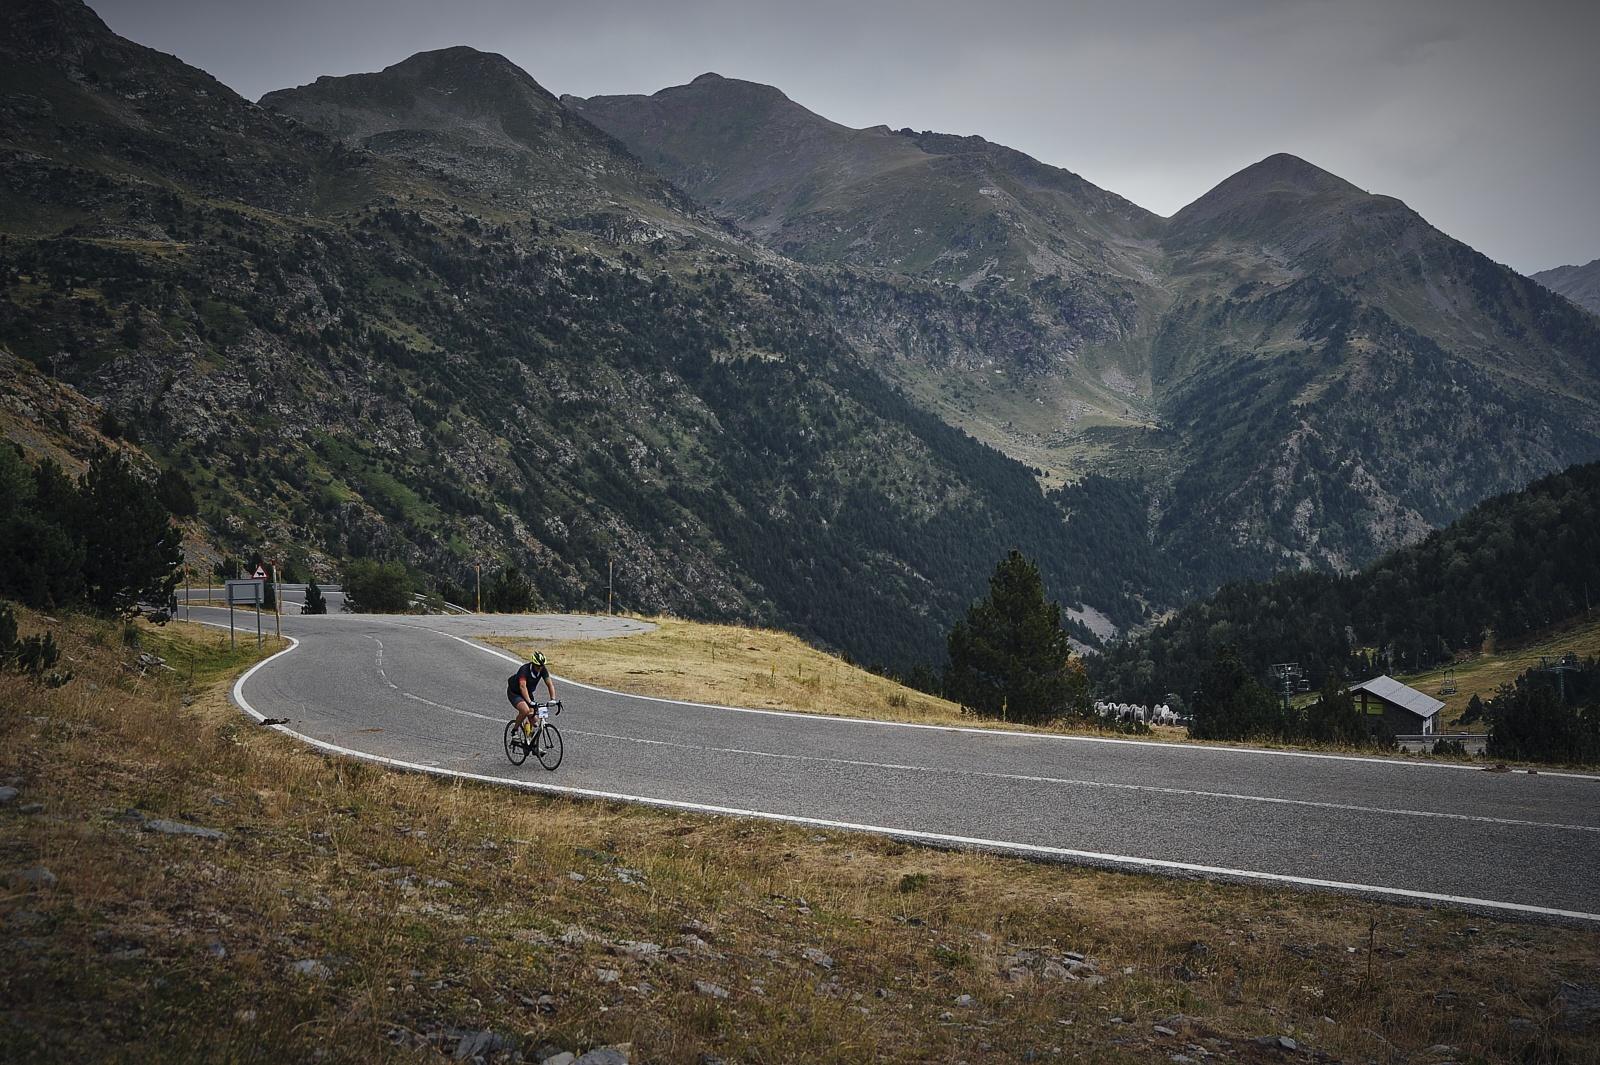 Volta Als Ports d'Andorra 2020 - QuieroMisFotos.com - Sergio Tomico, Photography